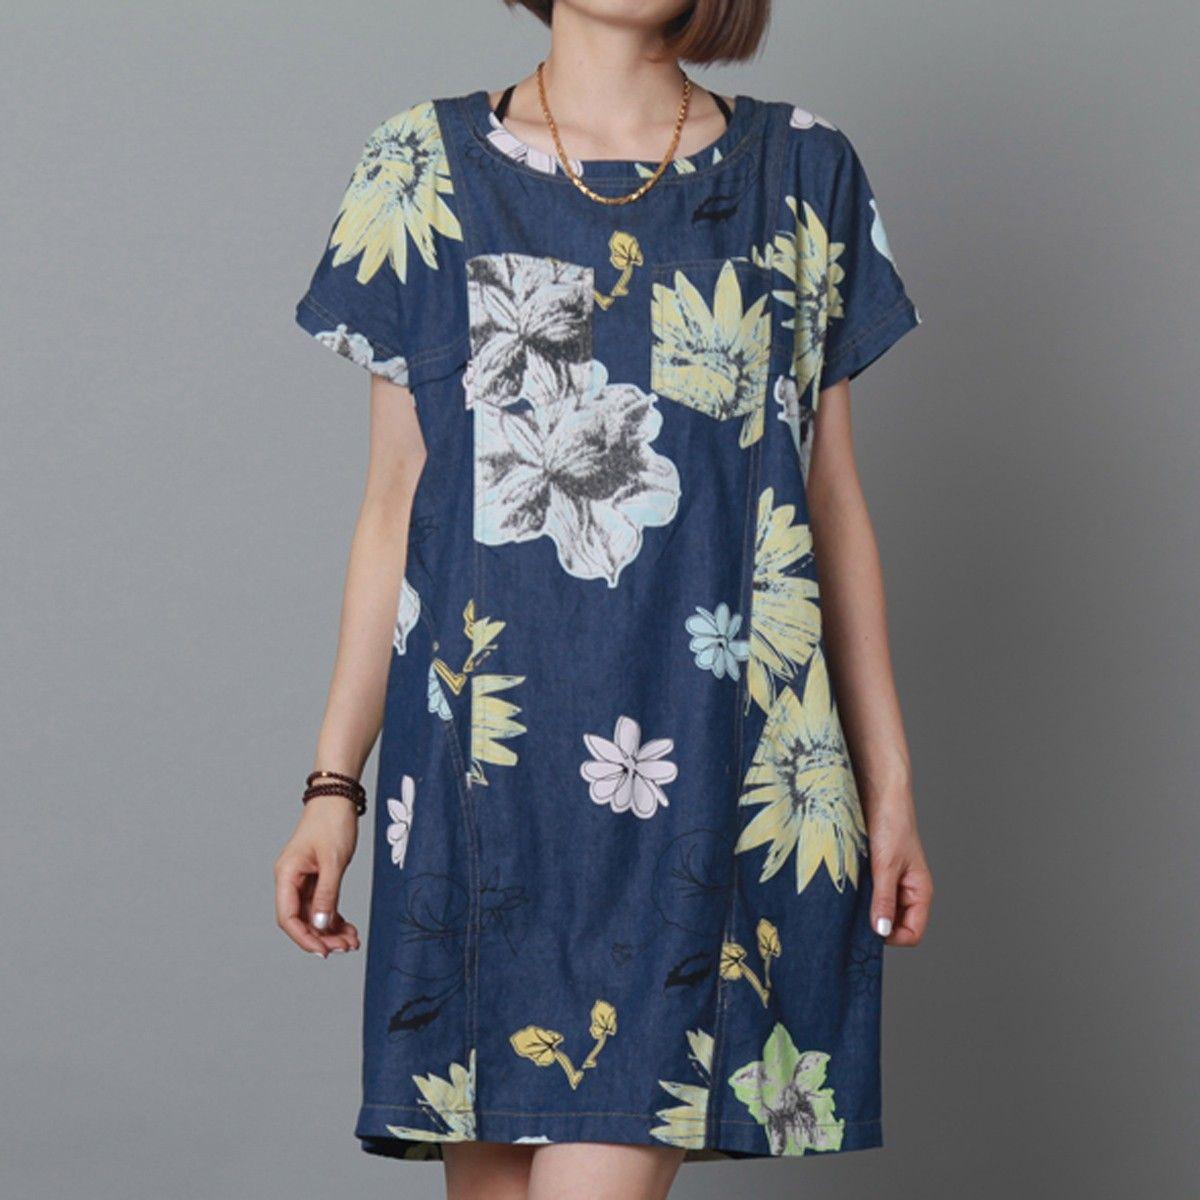 e3b231aa2a35b Pure cotton navy floral sundress oversize shift dress summer maternity dress